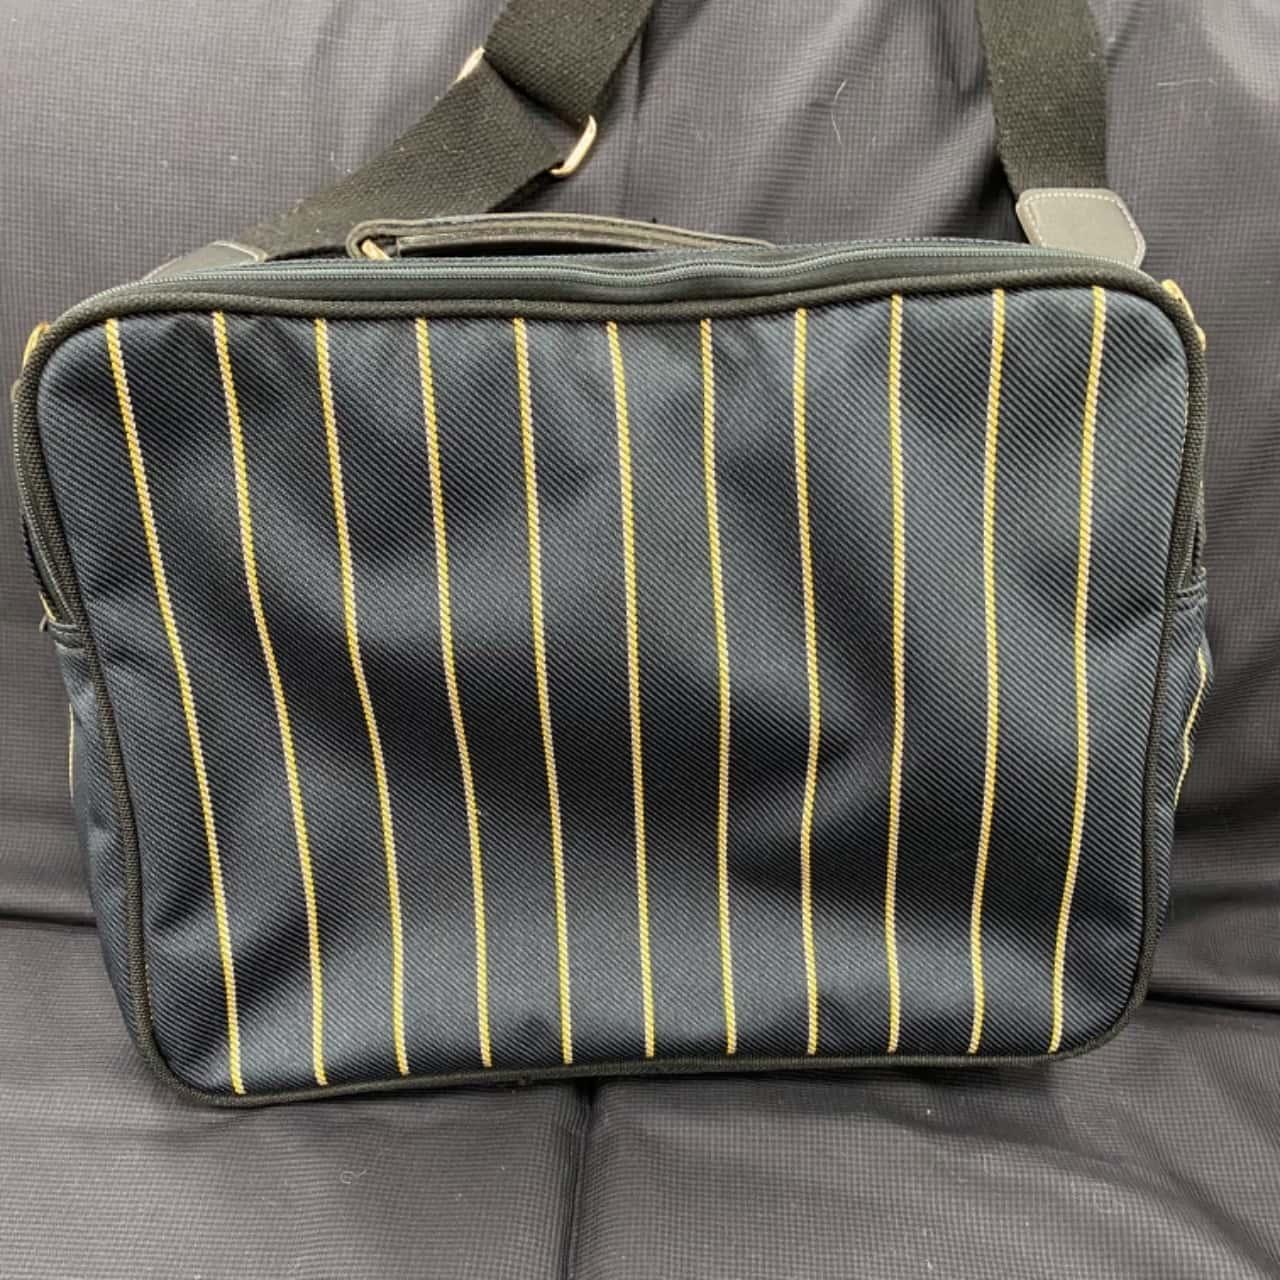 BOND ST BY ANTLER TRAVEL BAG 40cm w x 30cm h x 20cm deep (inside)